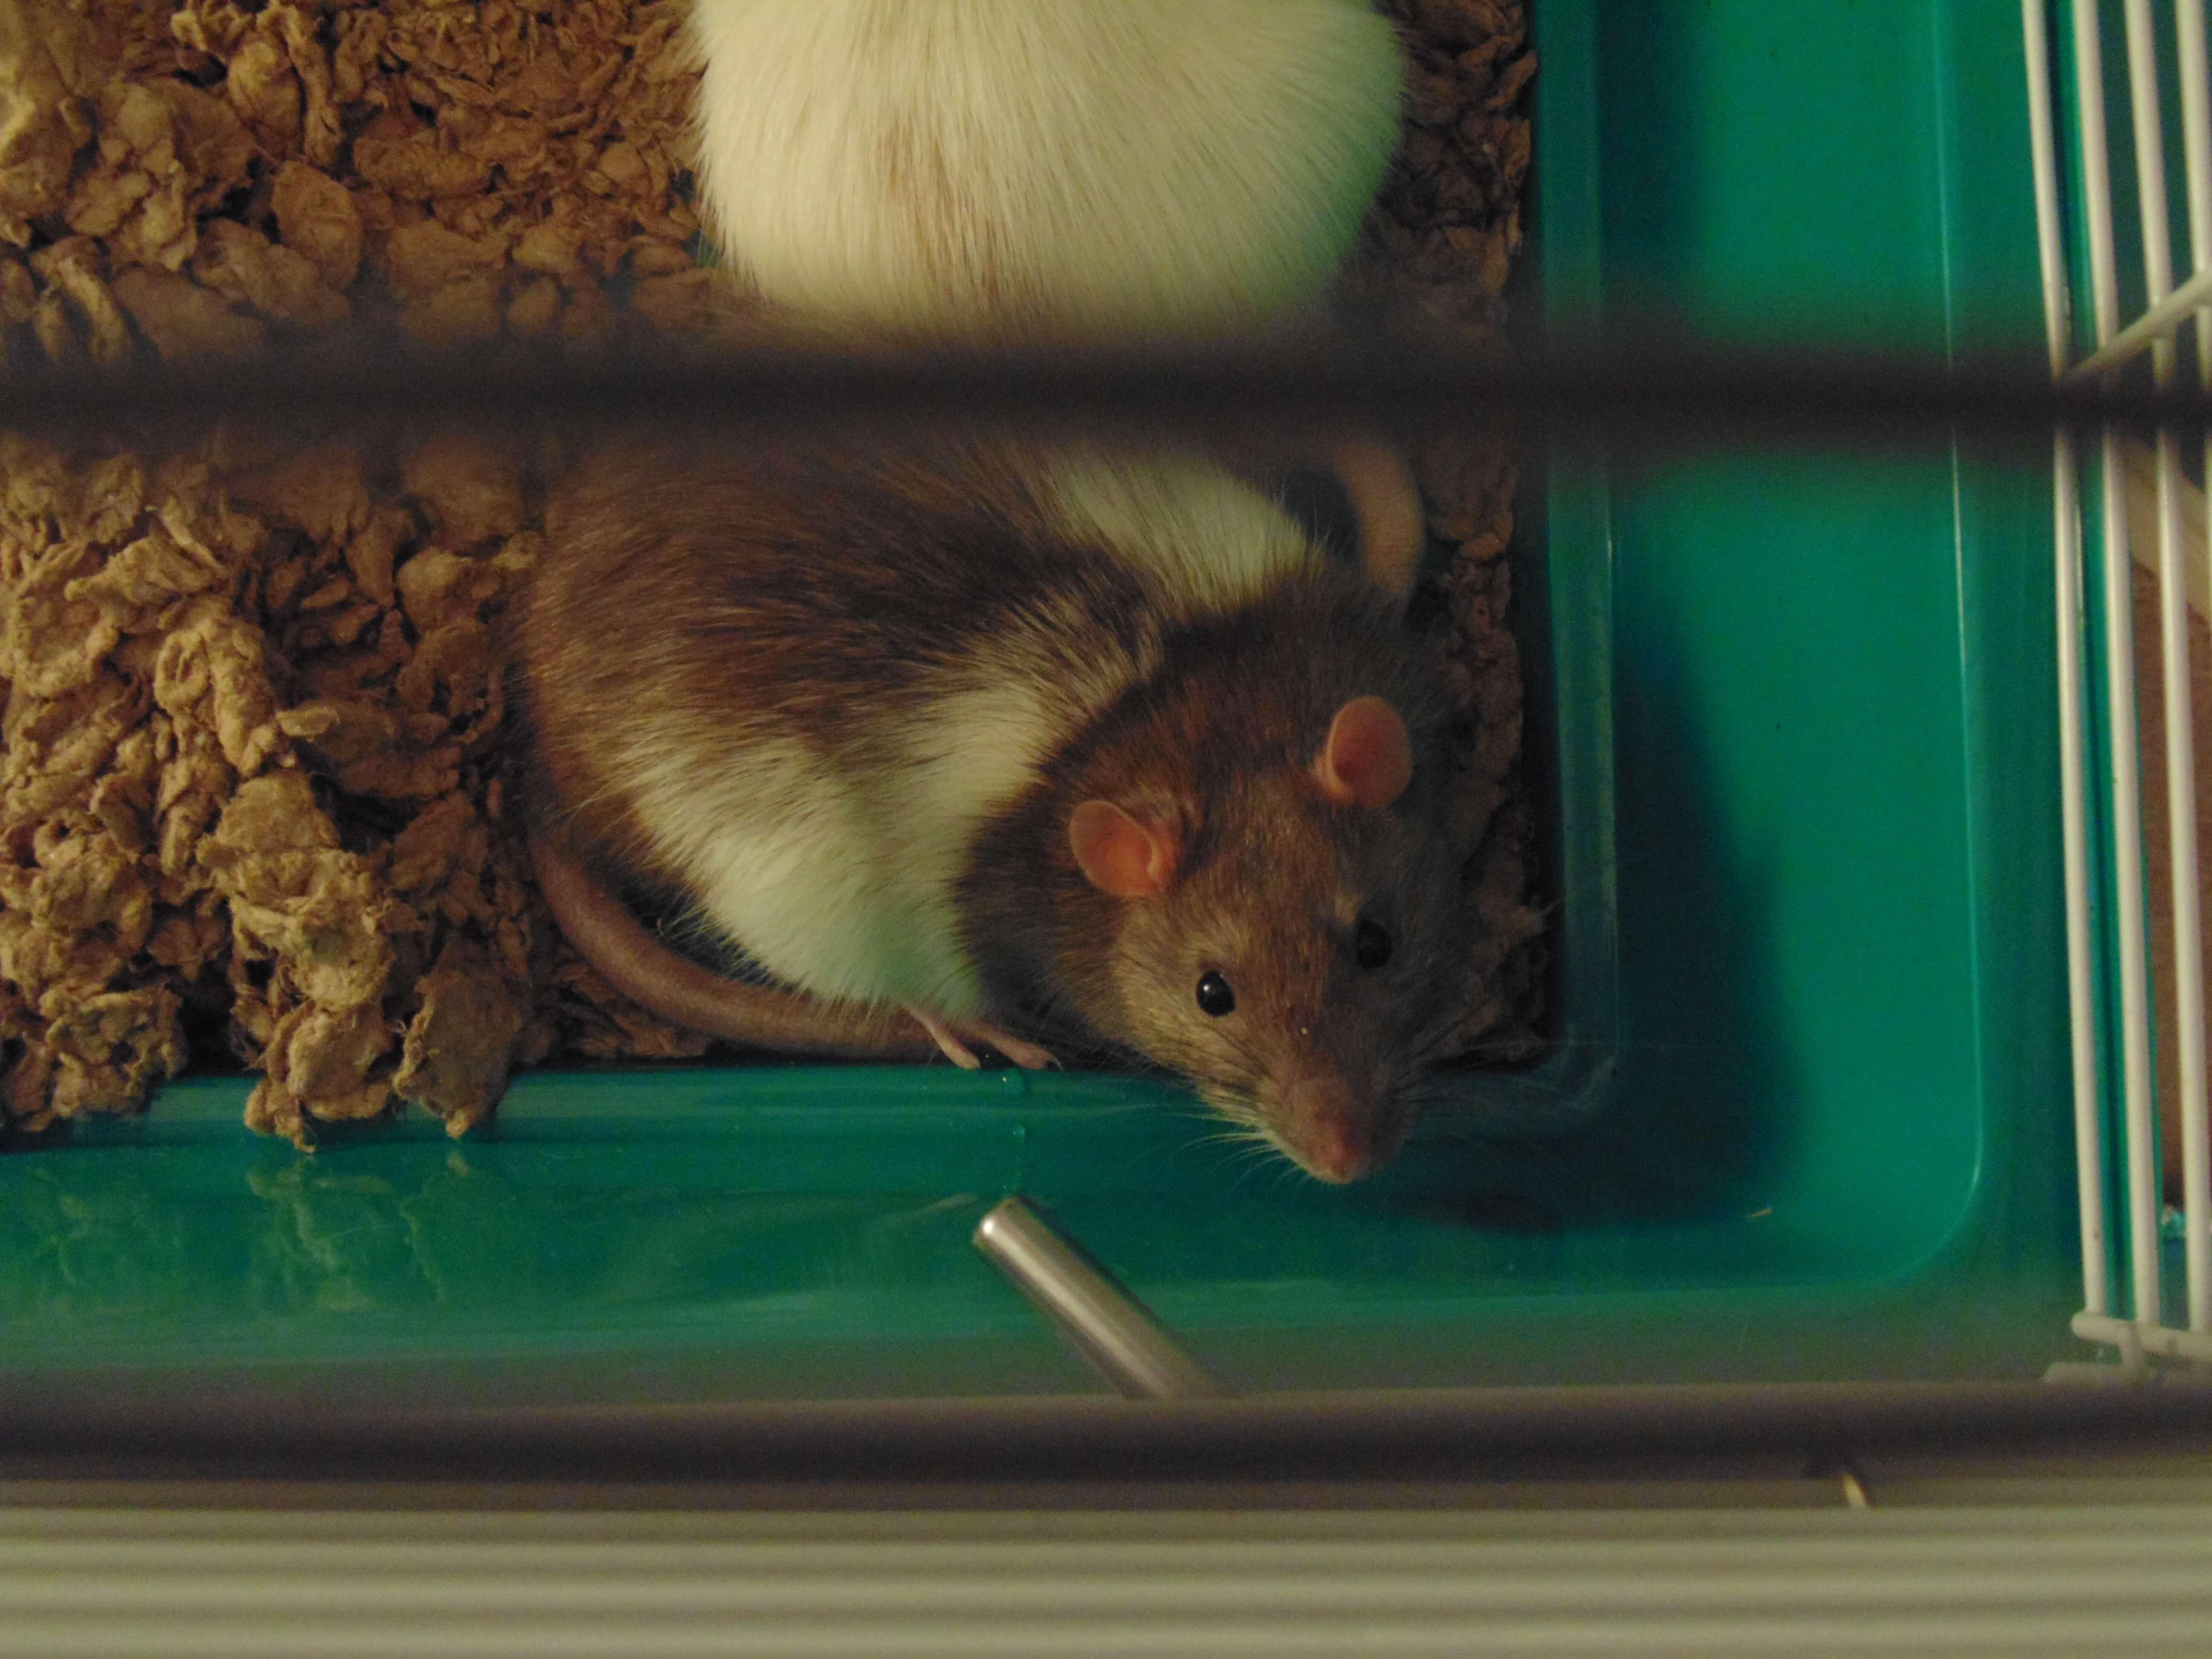 Nouvelle législation sur l'appâtage des rats par l'ANSES